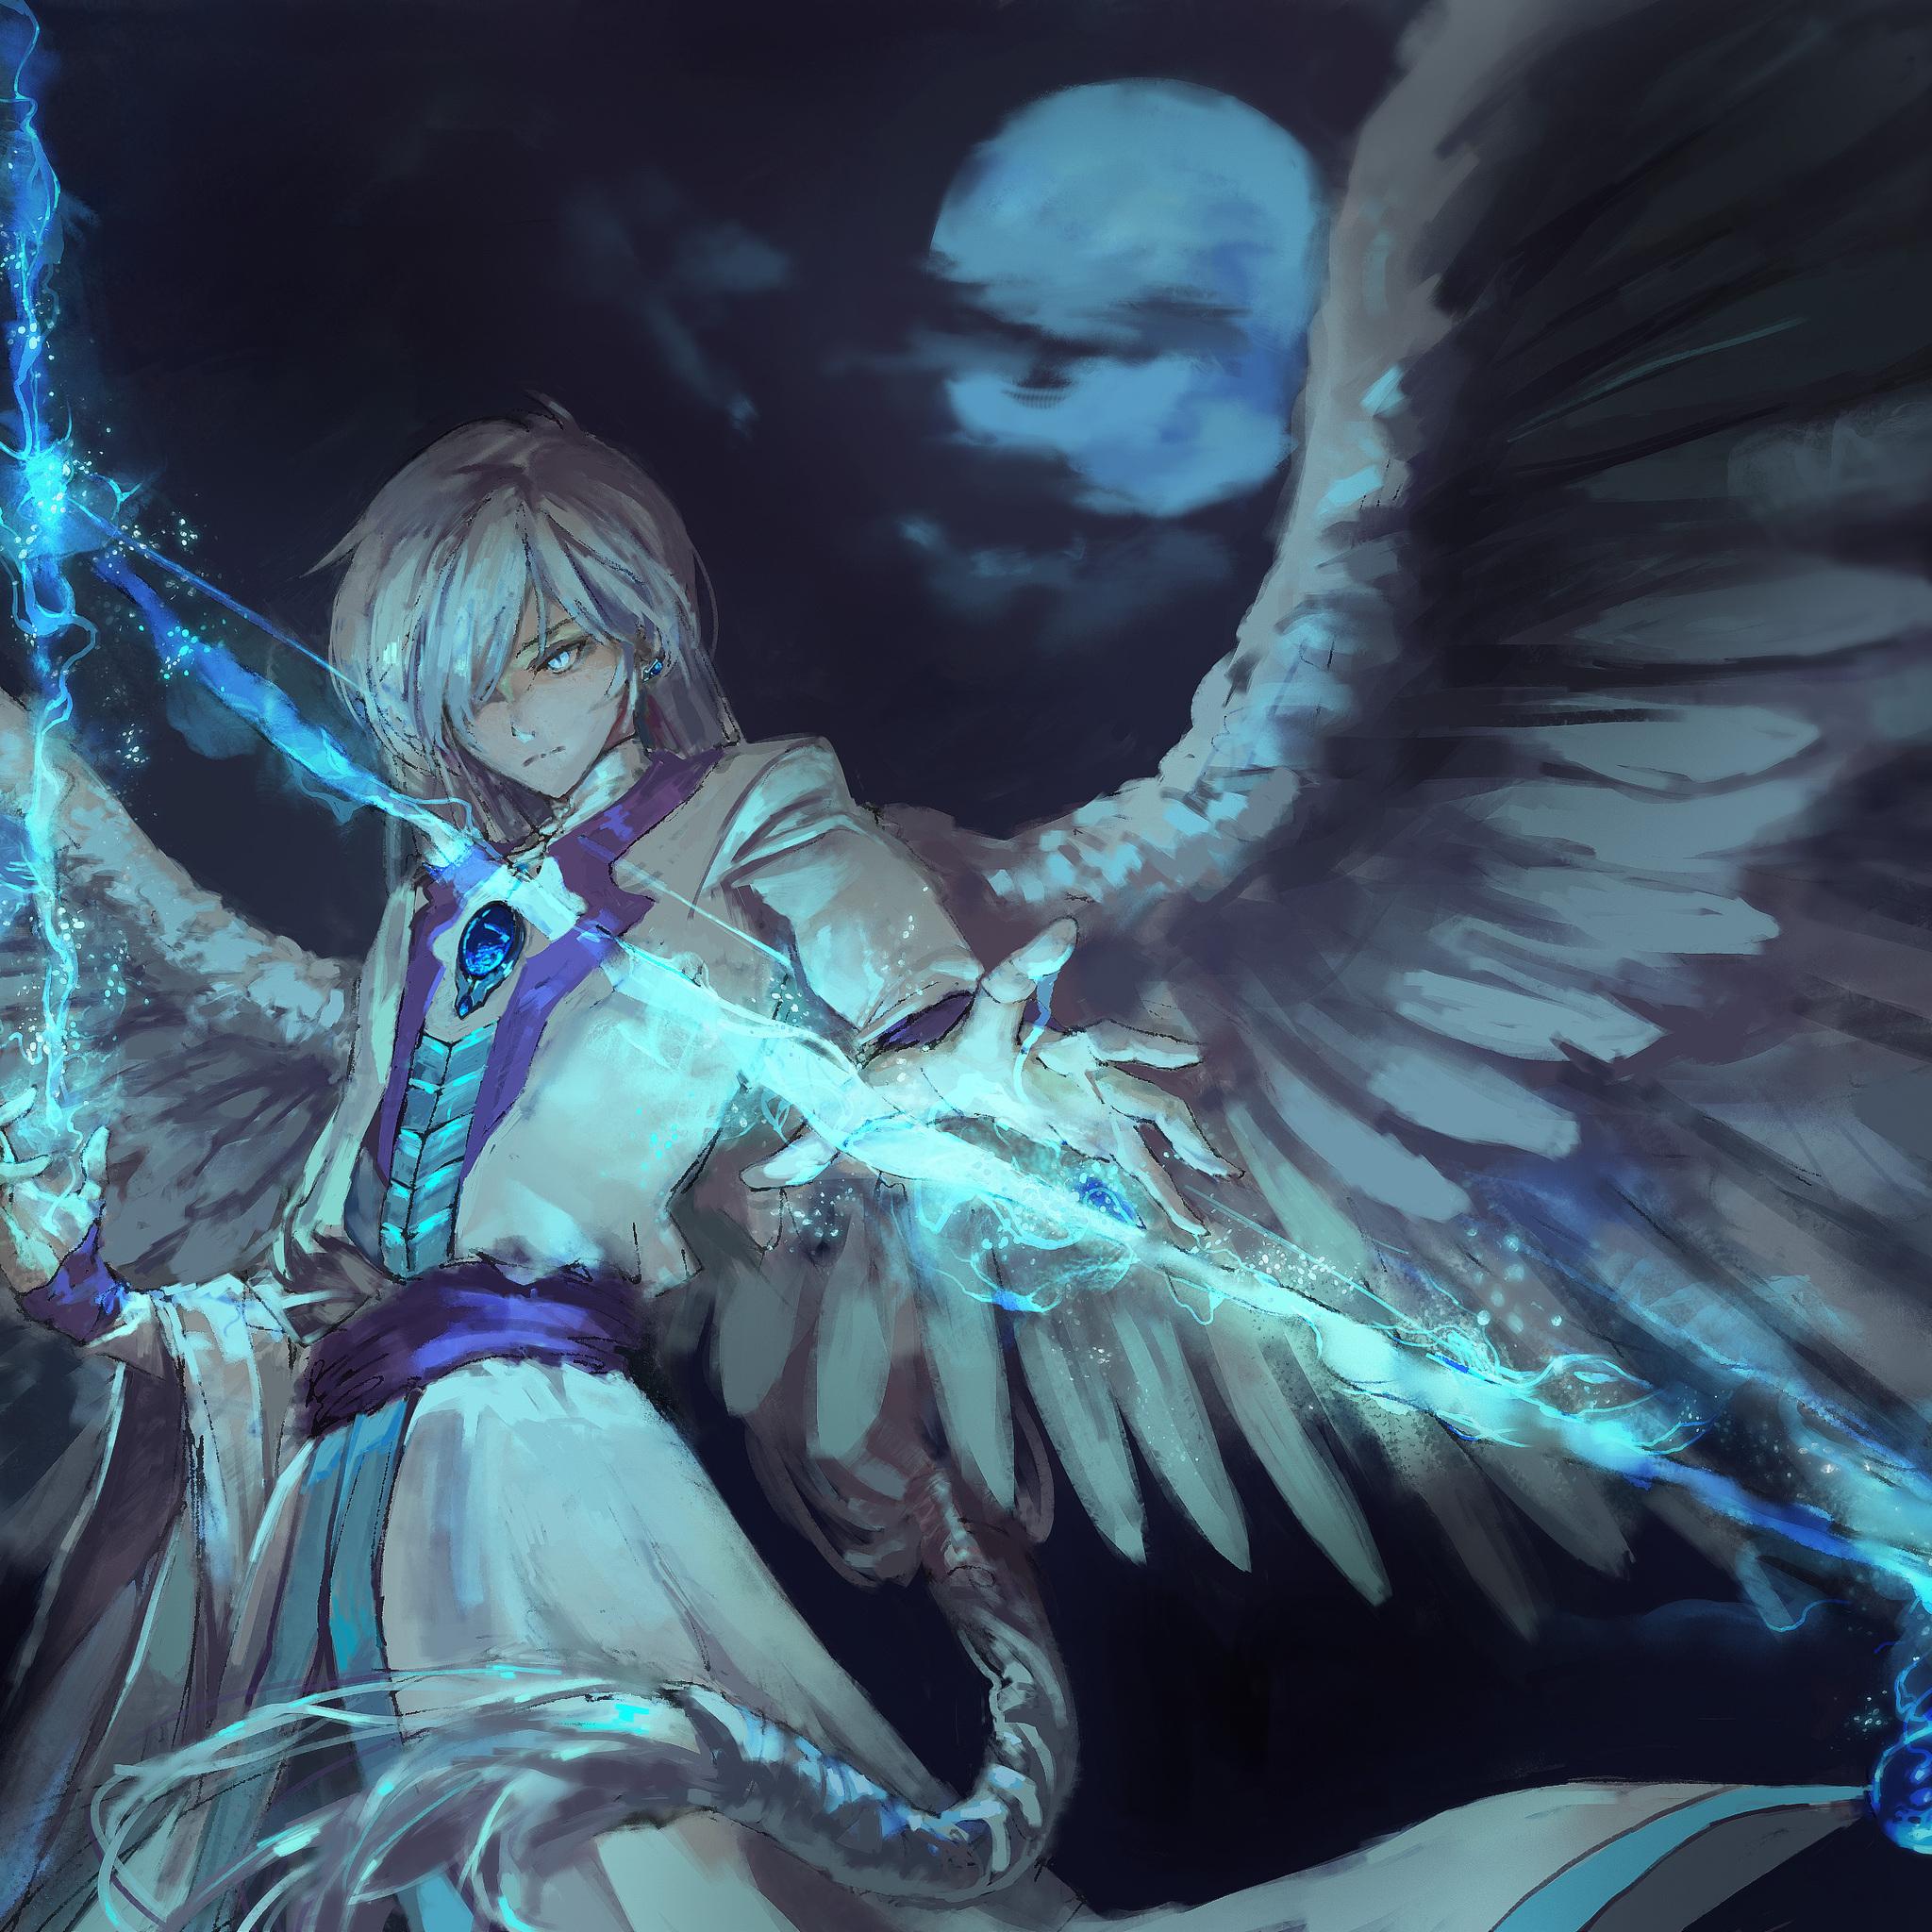 2048x2048 Anime Angel Boy With Magical Arrow Ipad Air HD ...